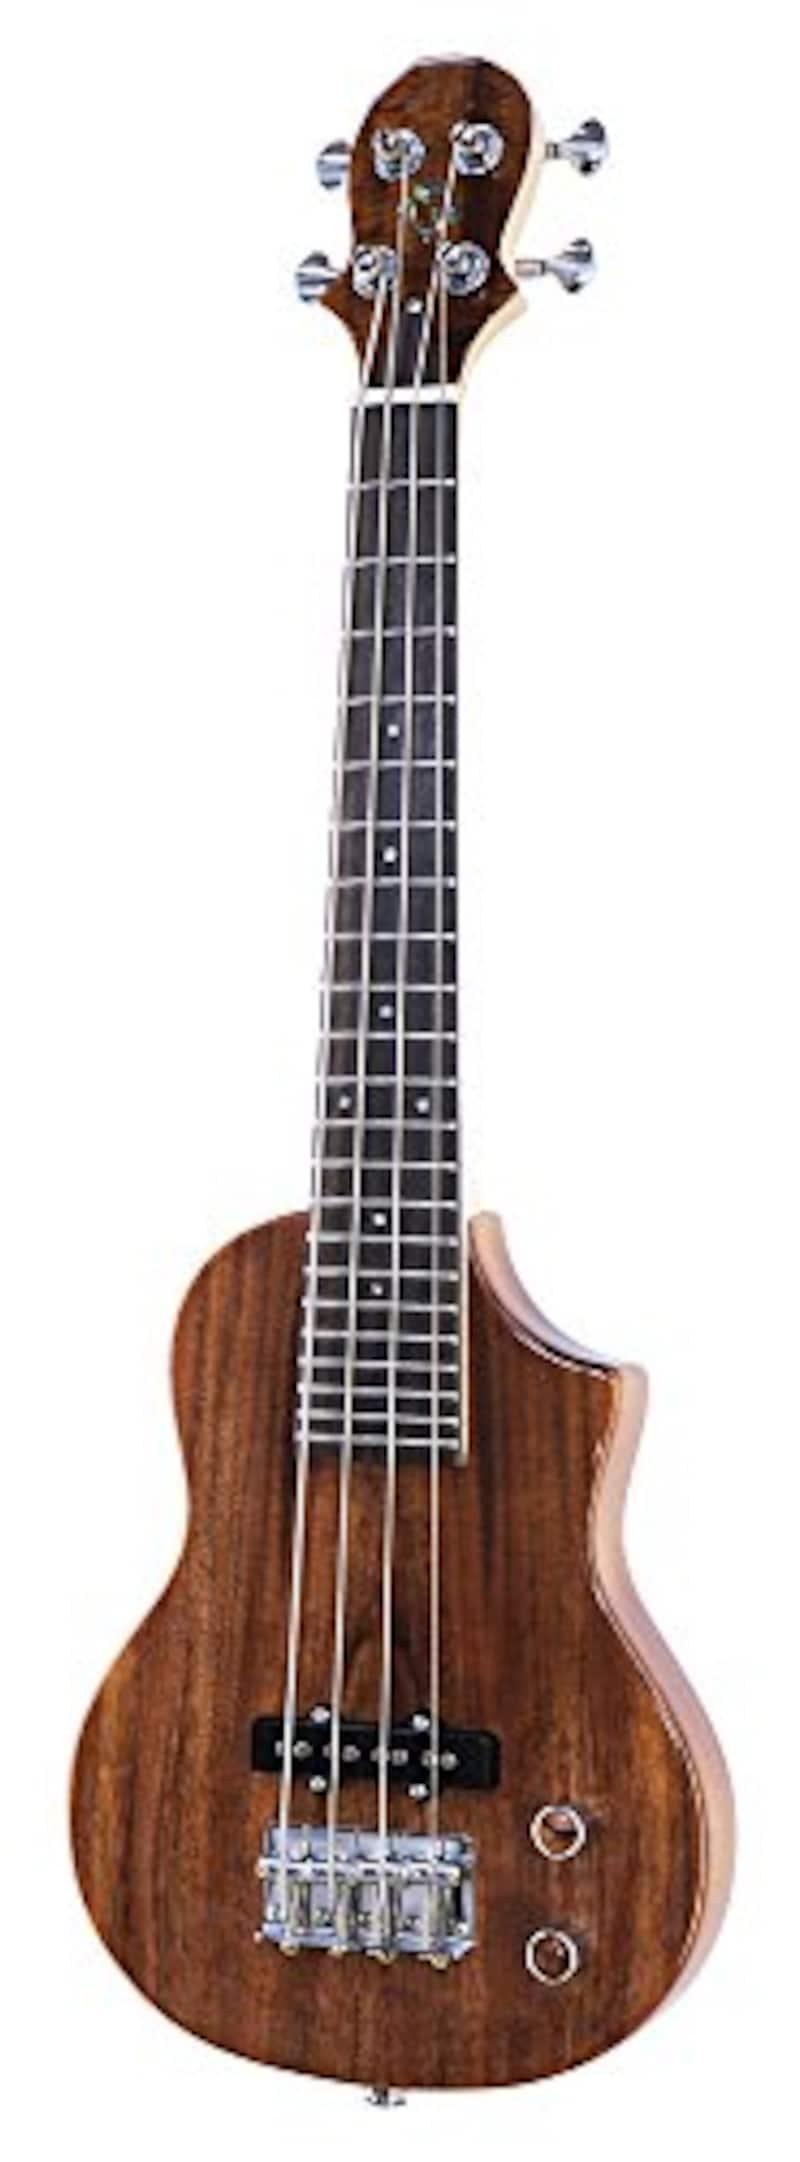 Big Island Ukulele HONU Electric Bass Ukulele Series アカシアトップ EBU-ACA-N